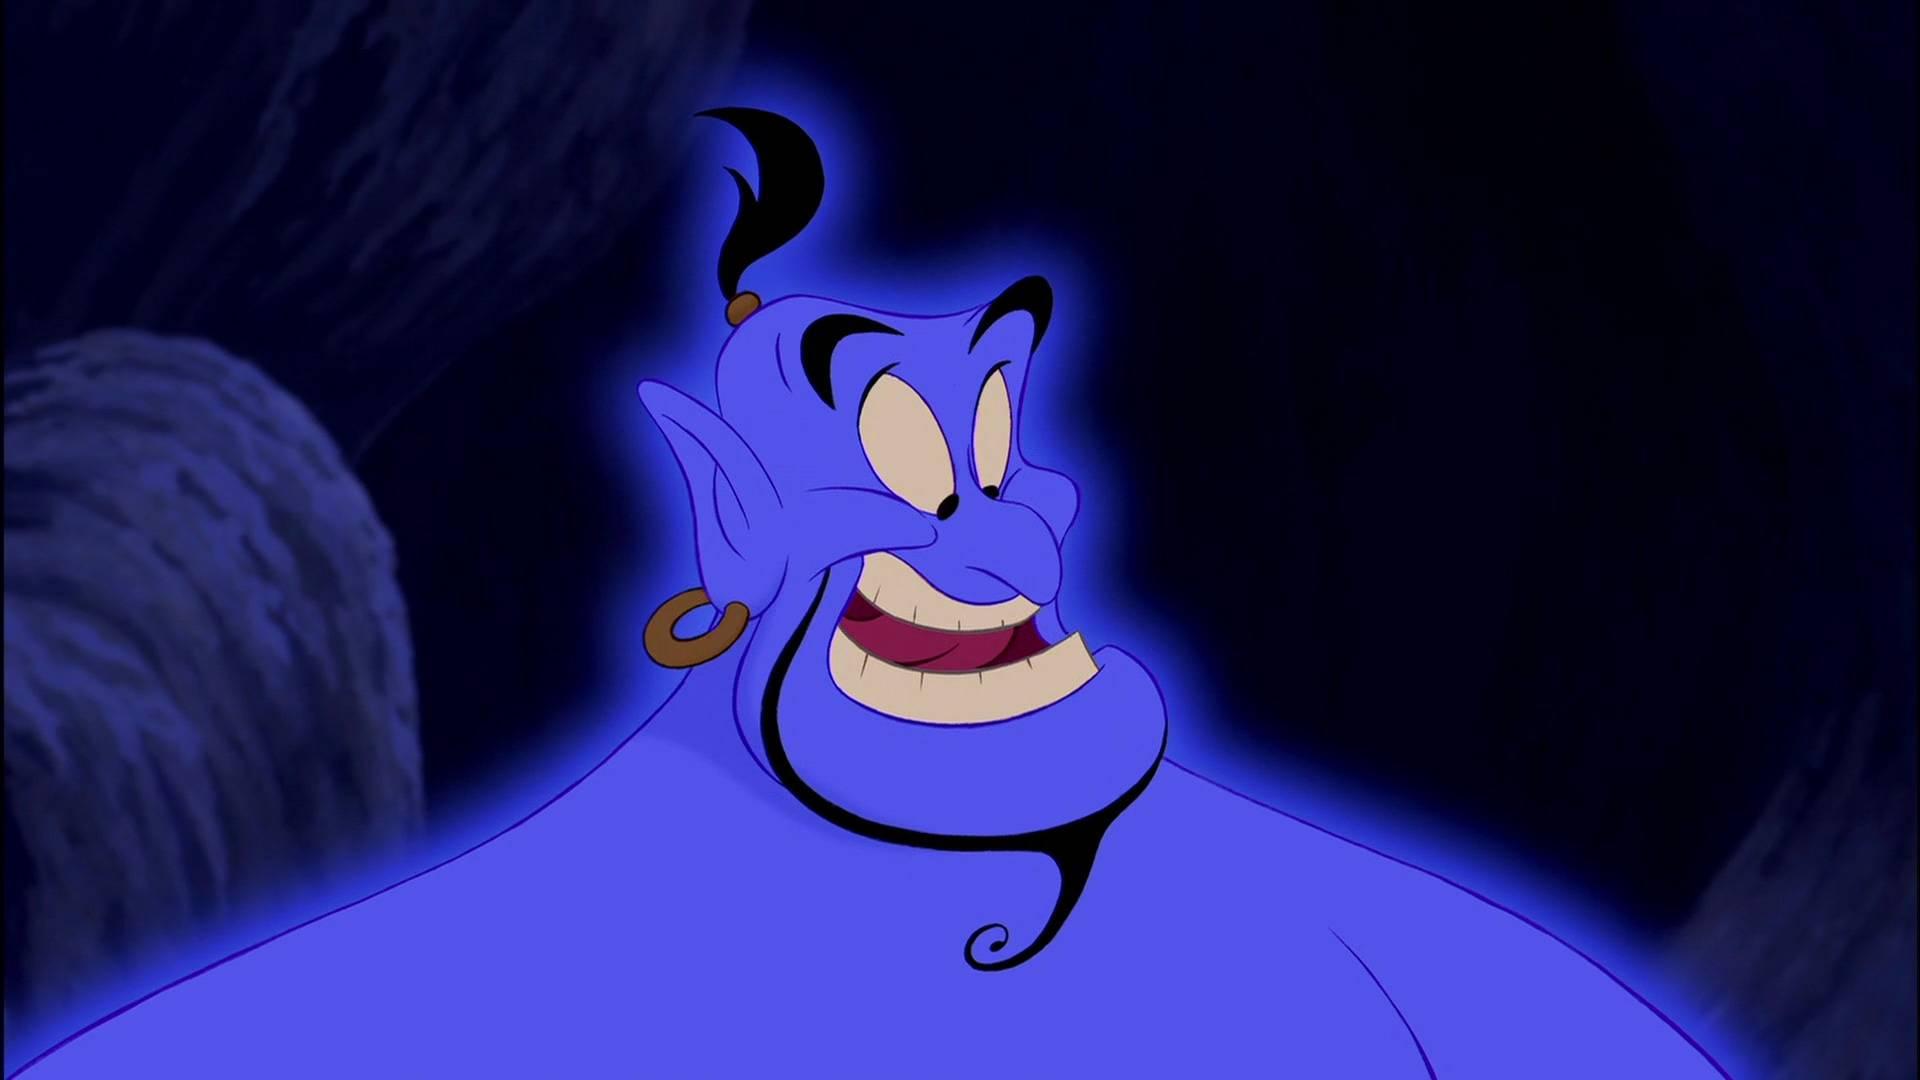 Aladdin-disneyscreencaps_com-4183[1]